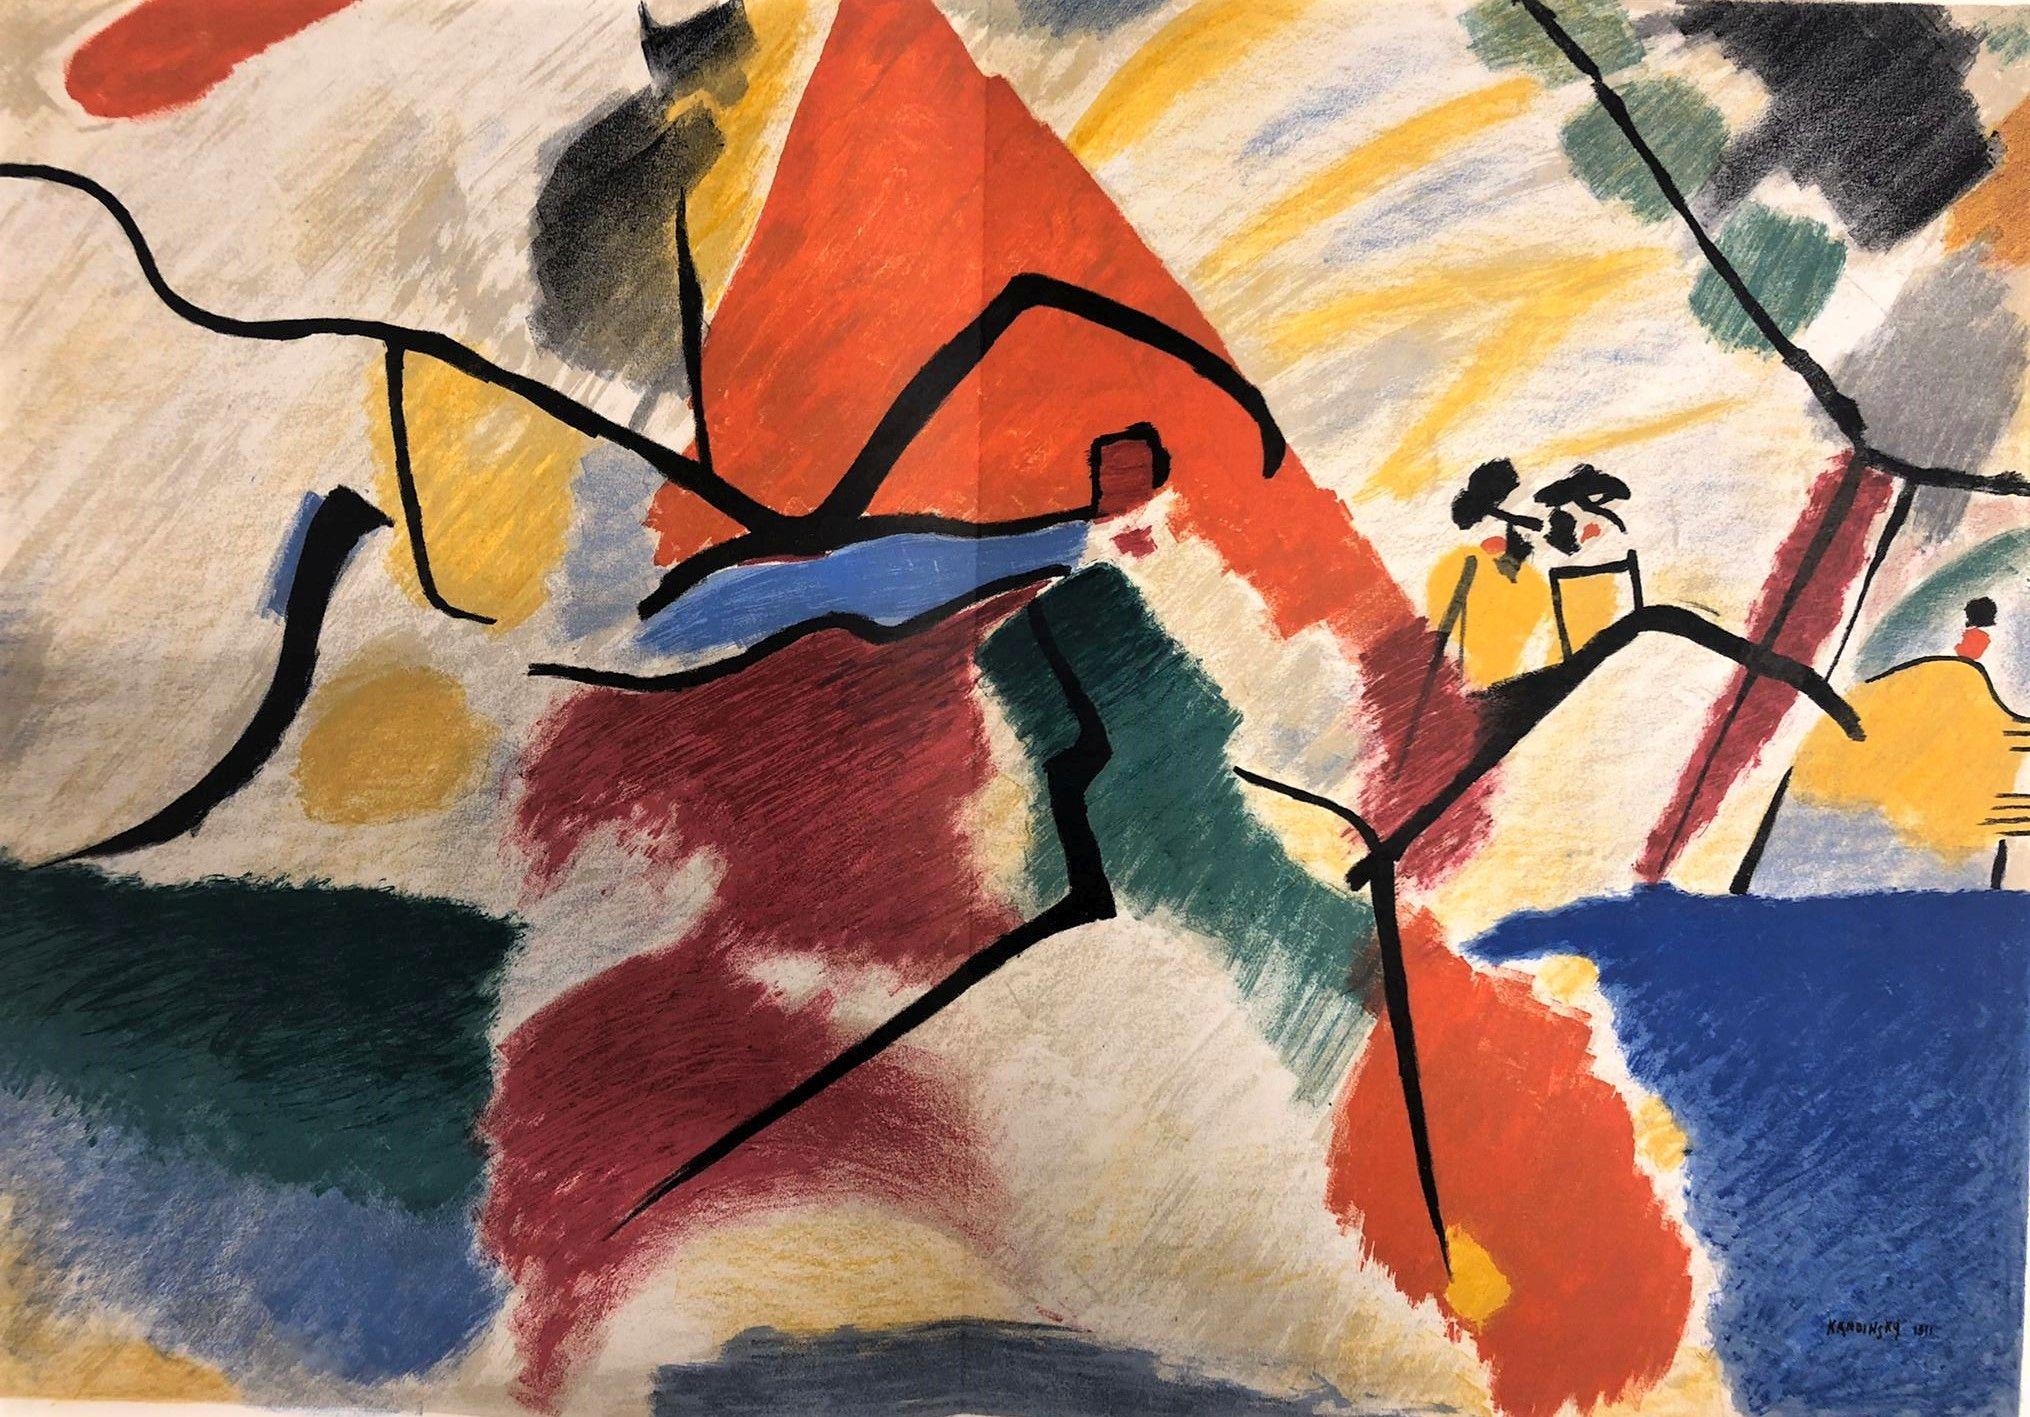 Aquarelle avec une tache rouge, 1911 de Wassily Kandinsky